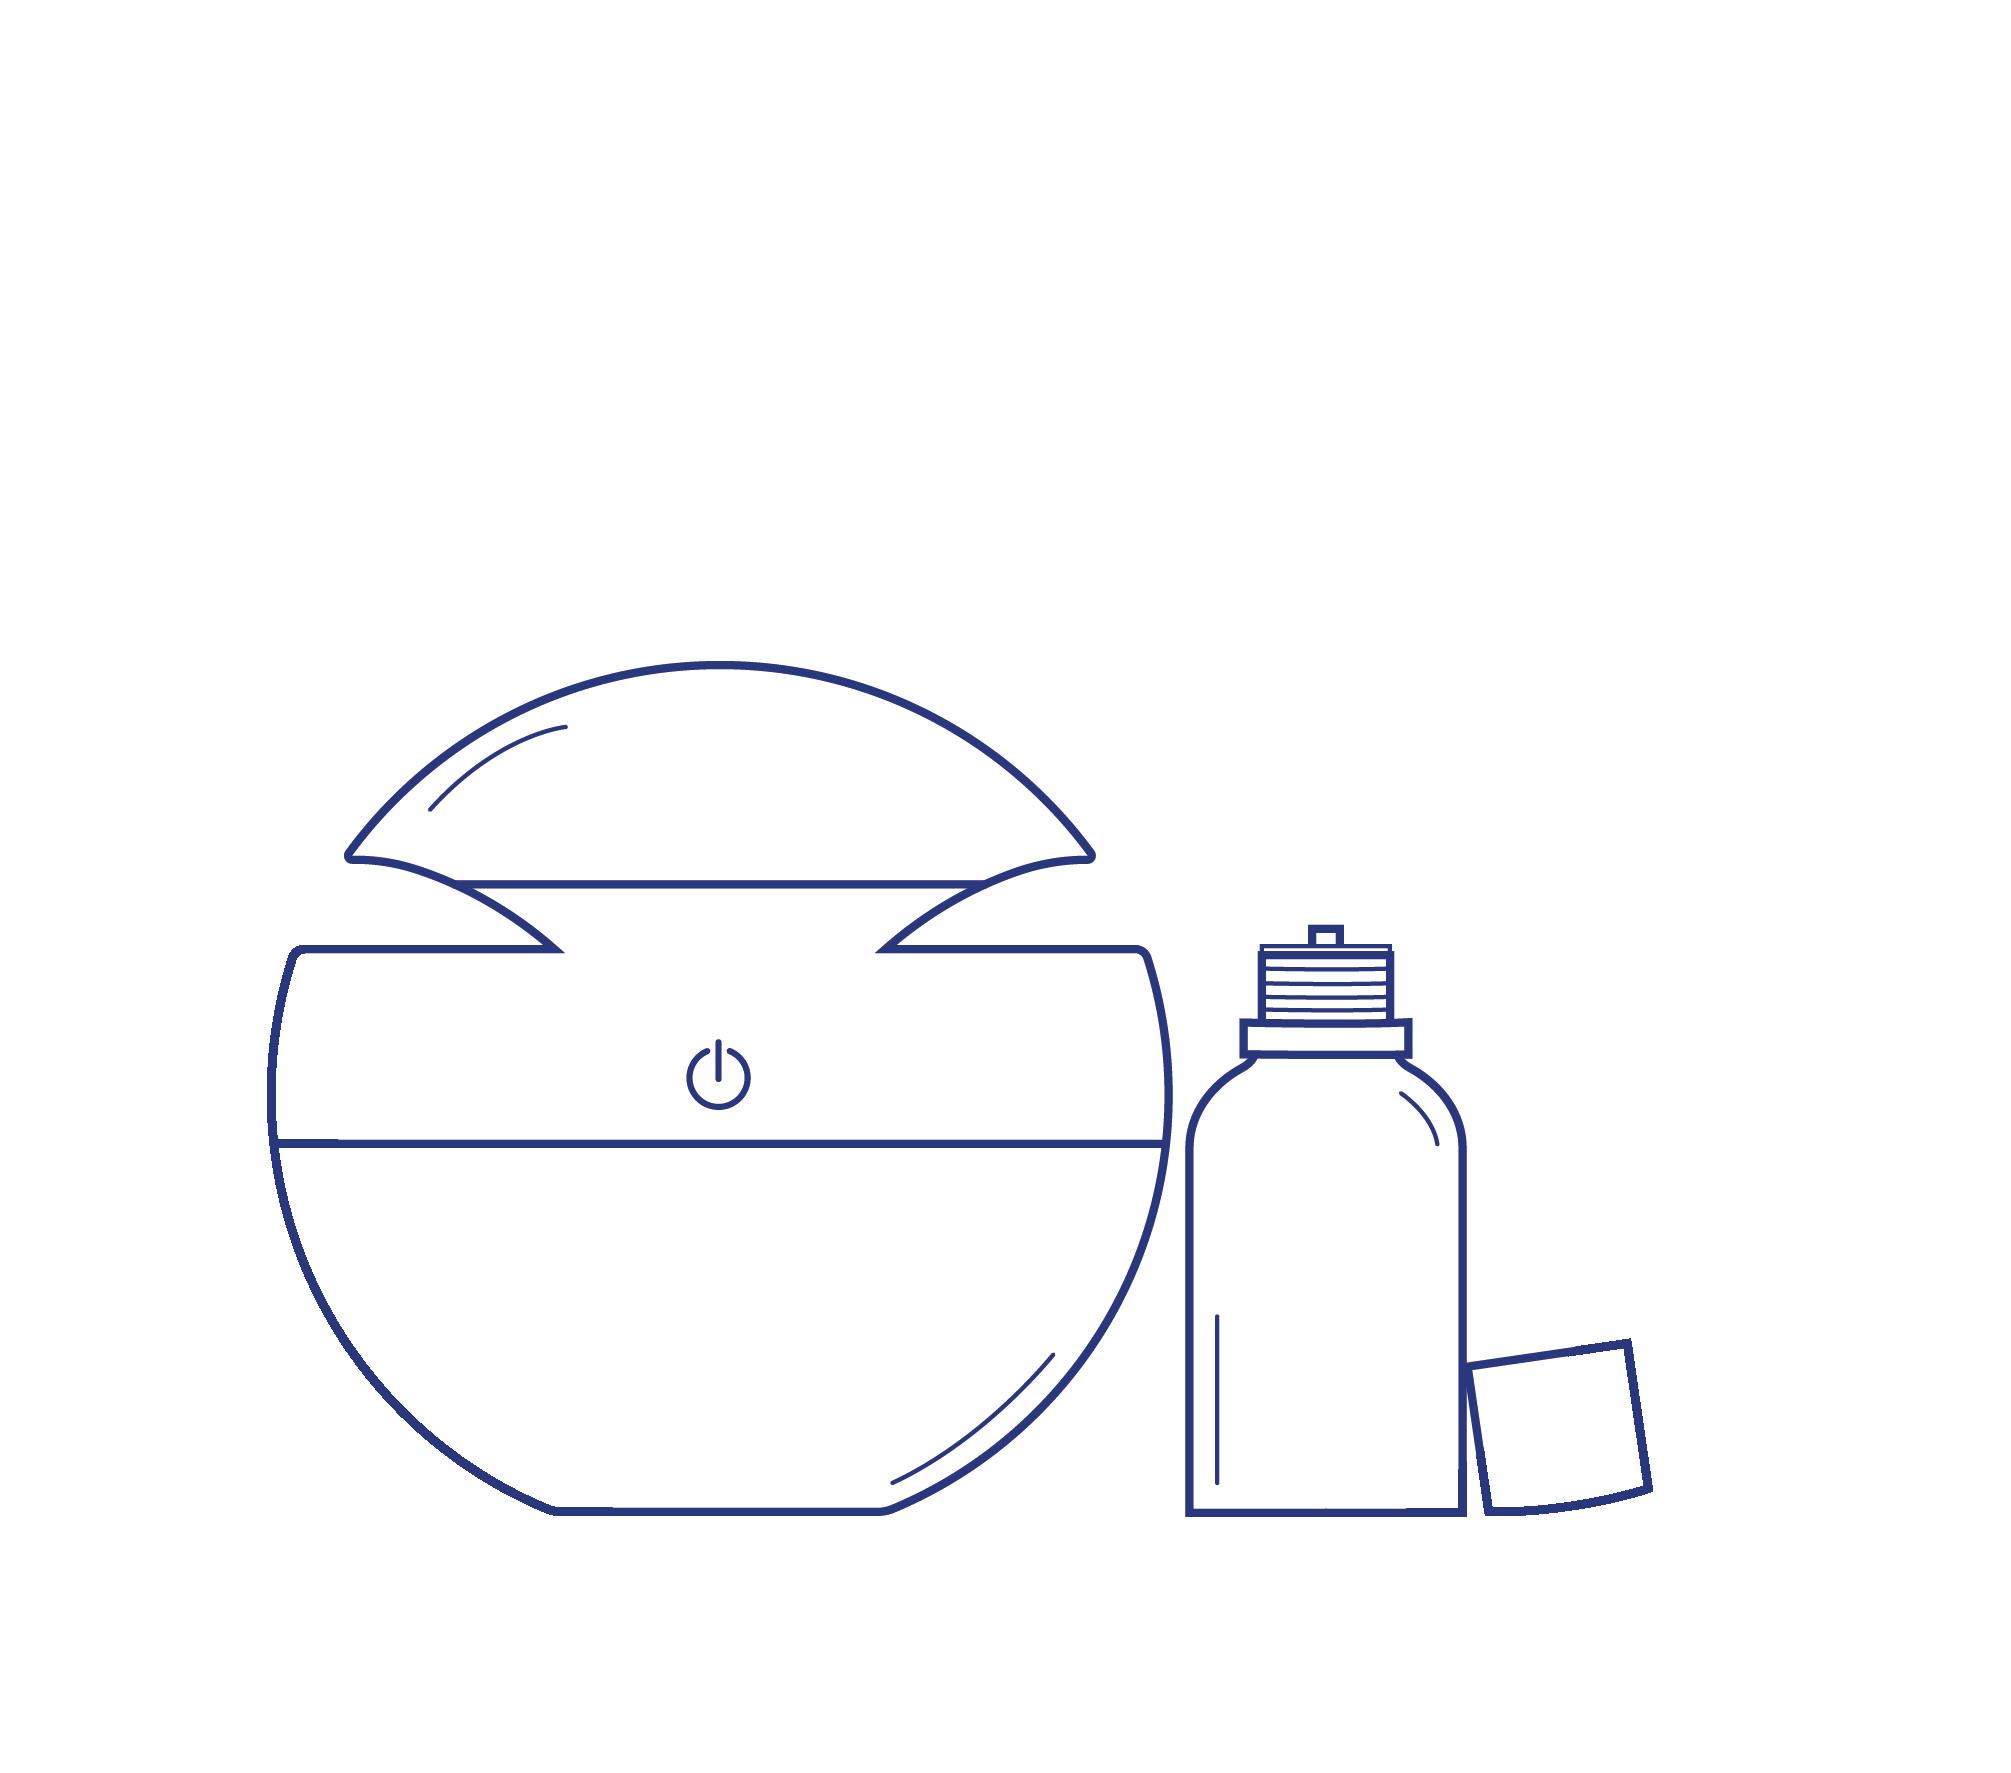 Pictogramme de produit de la gamme Aromathérapie